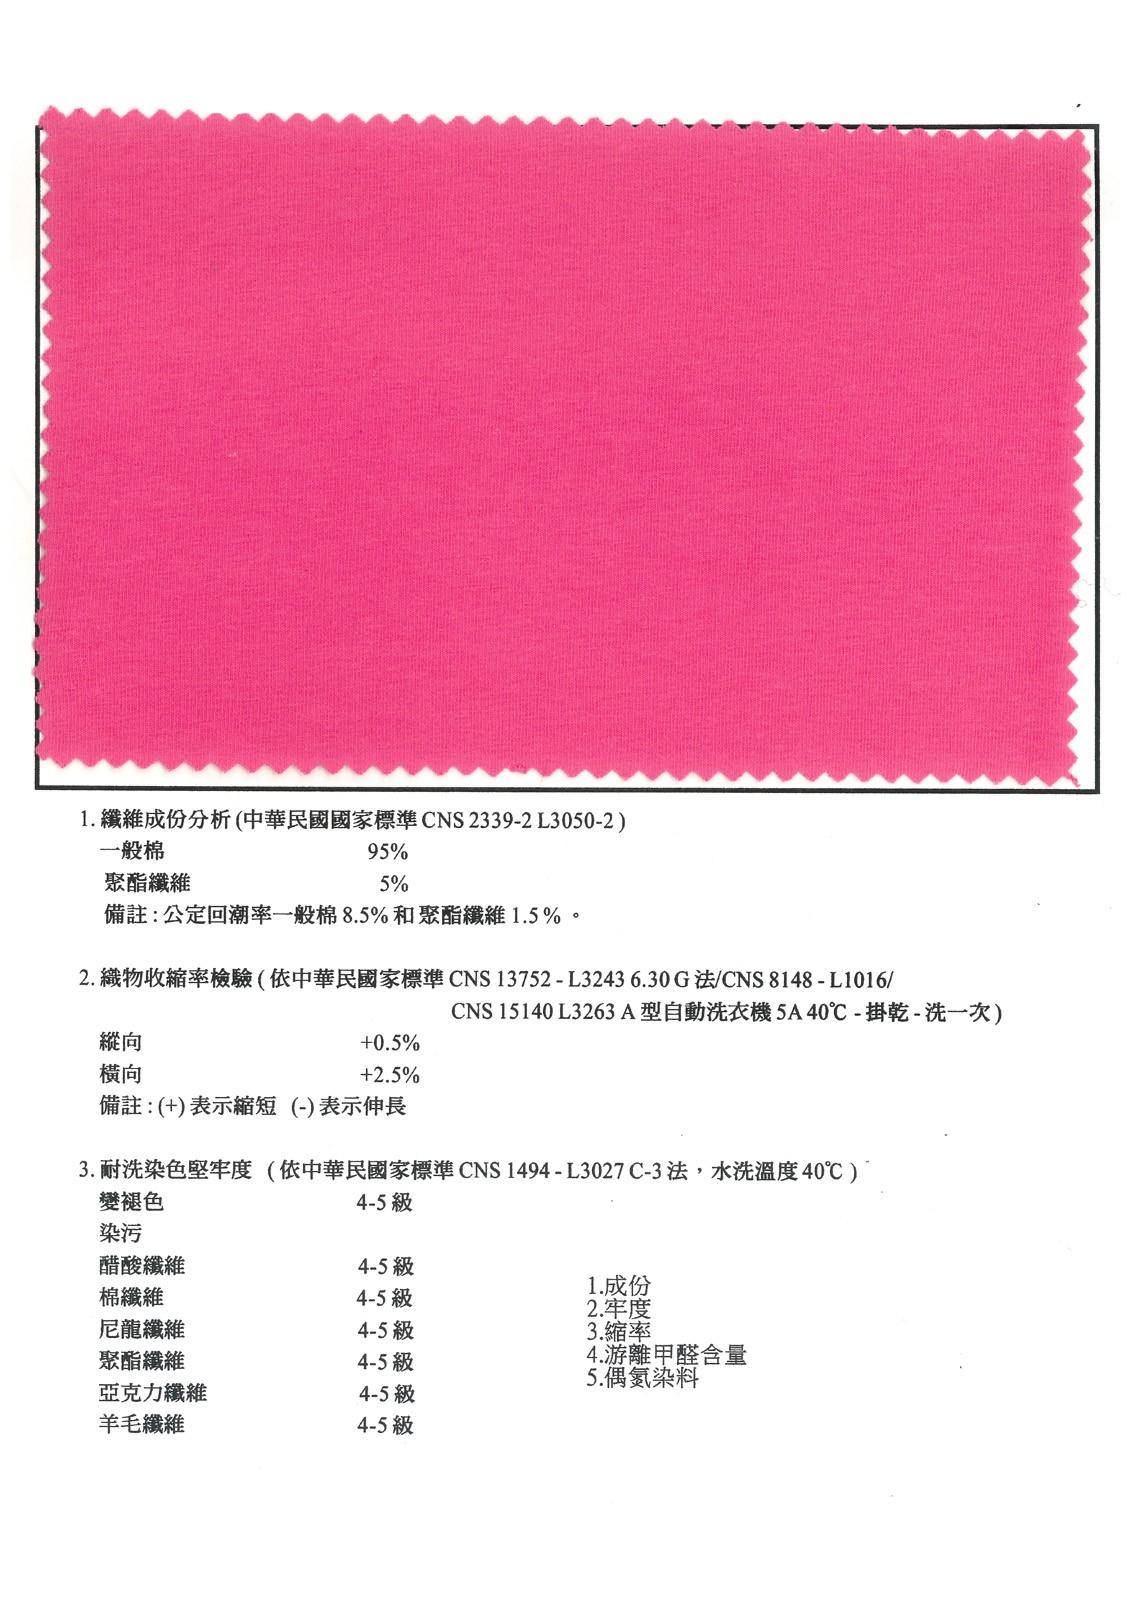 針織/素面/精梳單面布 (FSSK-P-0016)